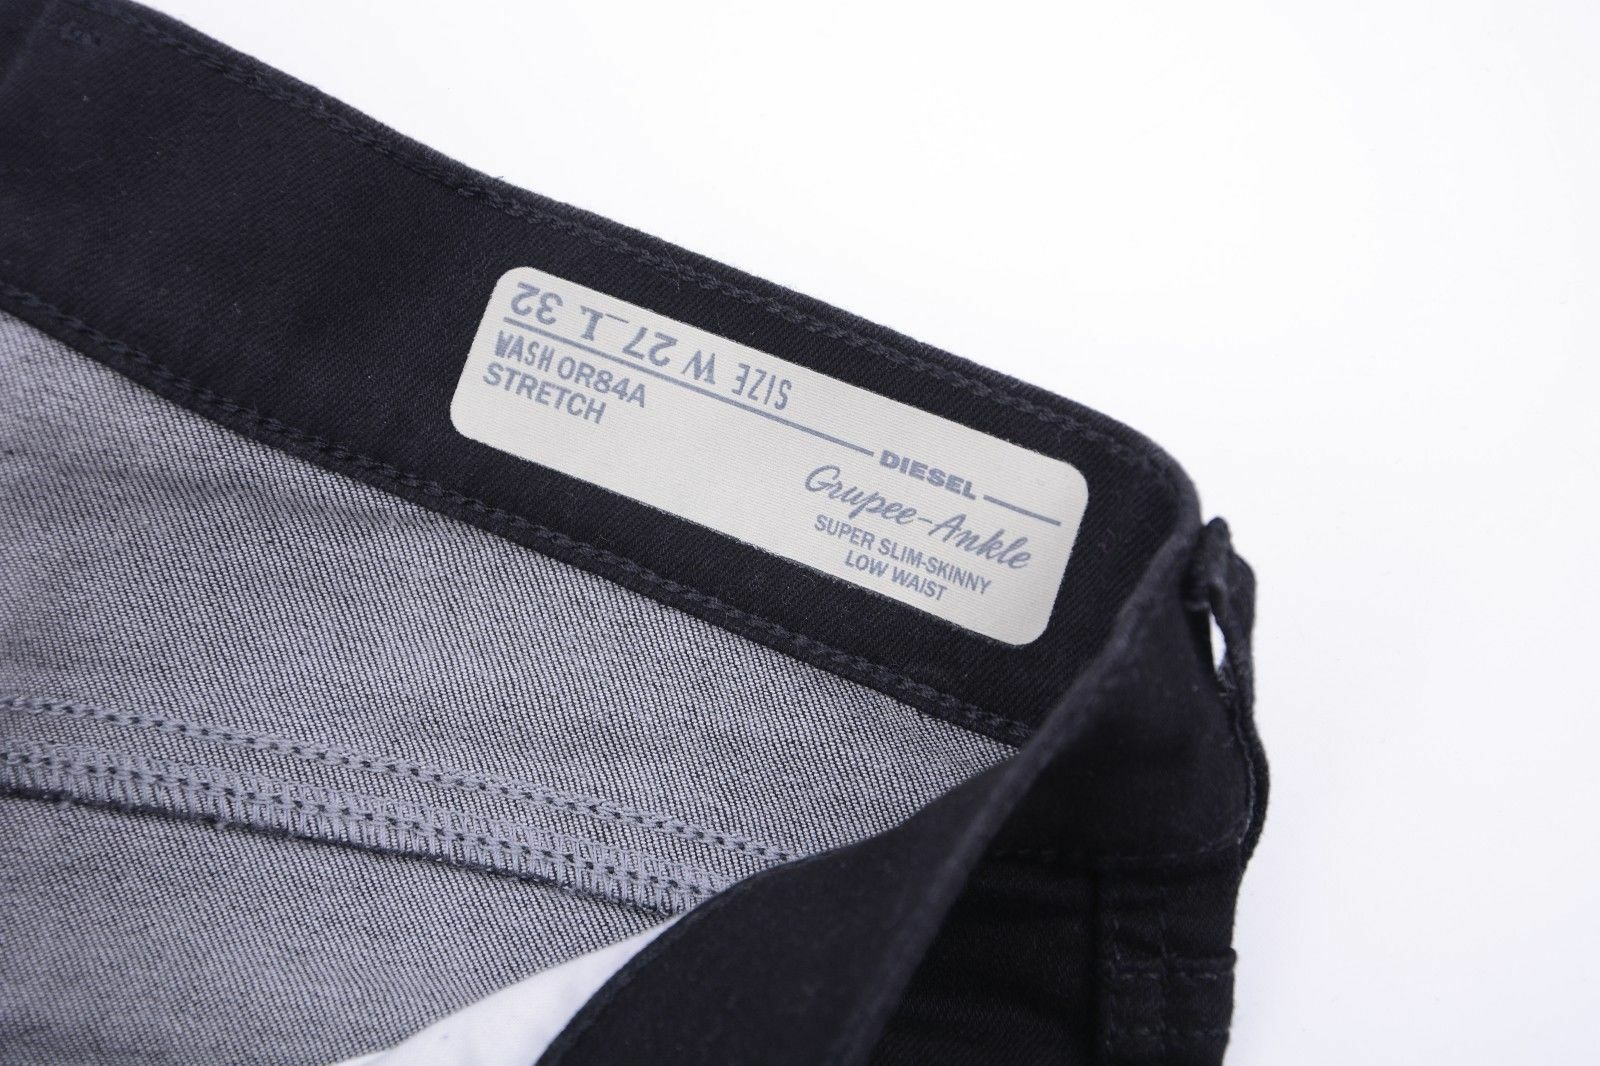 DIESEL DIESEL DIESEL GRUPEE ANKLE OR84A W27 - W31 L32 damen Denim Jeans Super Slim Skinny b68754